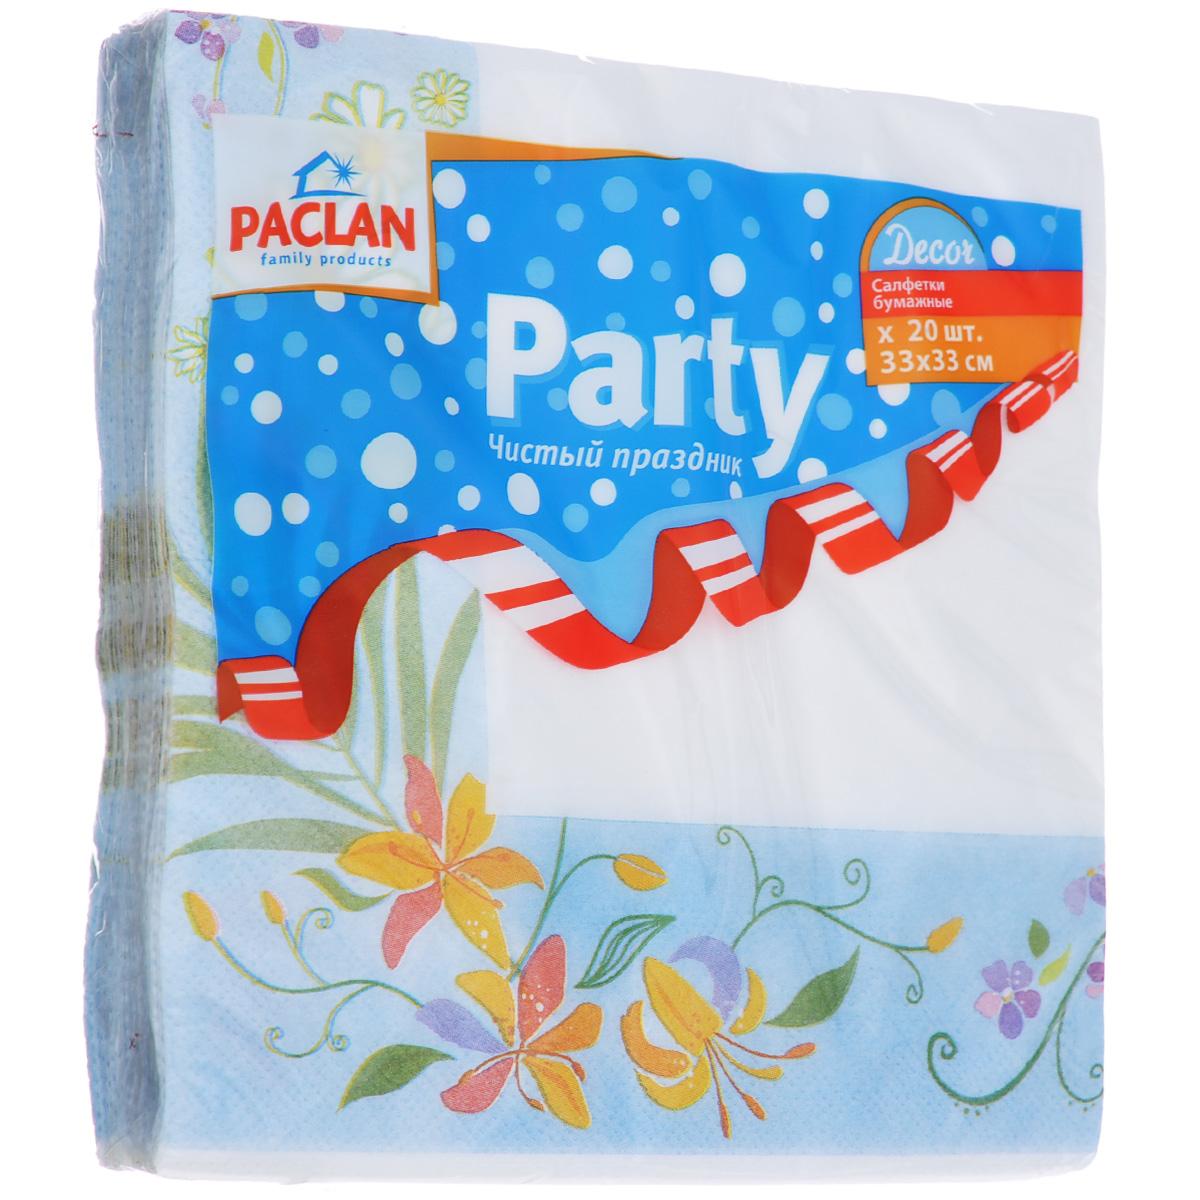 Салфетки бумажные Paclan Party. Decor, цвет: белый, голубой, трехслойные, 33 см х 33 см, 20 шт400119Трехслойные бумажные салфетки Paclan Party. Decor, выполненные из натуральной целлюлозы, станут отличным дополнением праздничного стола. Изделия украшены изображениями цветов. Они отличаются необычной мягкостью и прочностью. Салфетки красиво оформят сервировку стола. Размер салфеток: 33 см х 33 см. Количество слоев: 3 слоя. Количество салфеток: 20 шт.